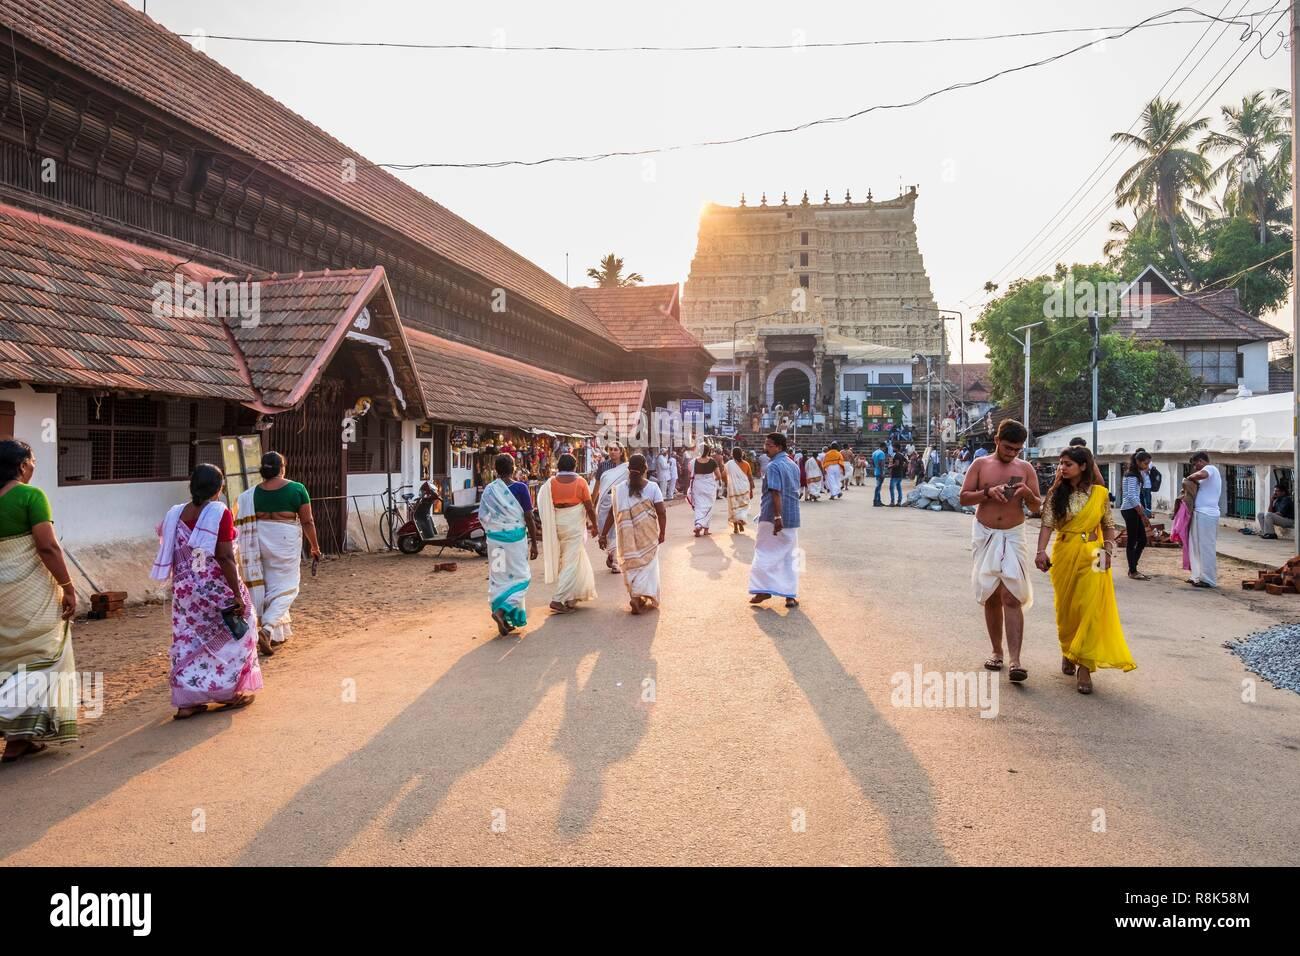 India, state of Kerala, Thiruvananthapuram (or Trivandrum), capital of Kerala, pilgrims going to Padmanabhaswamy Hindu Temple of the 16th century Stock Photo